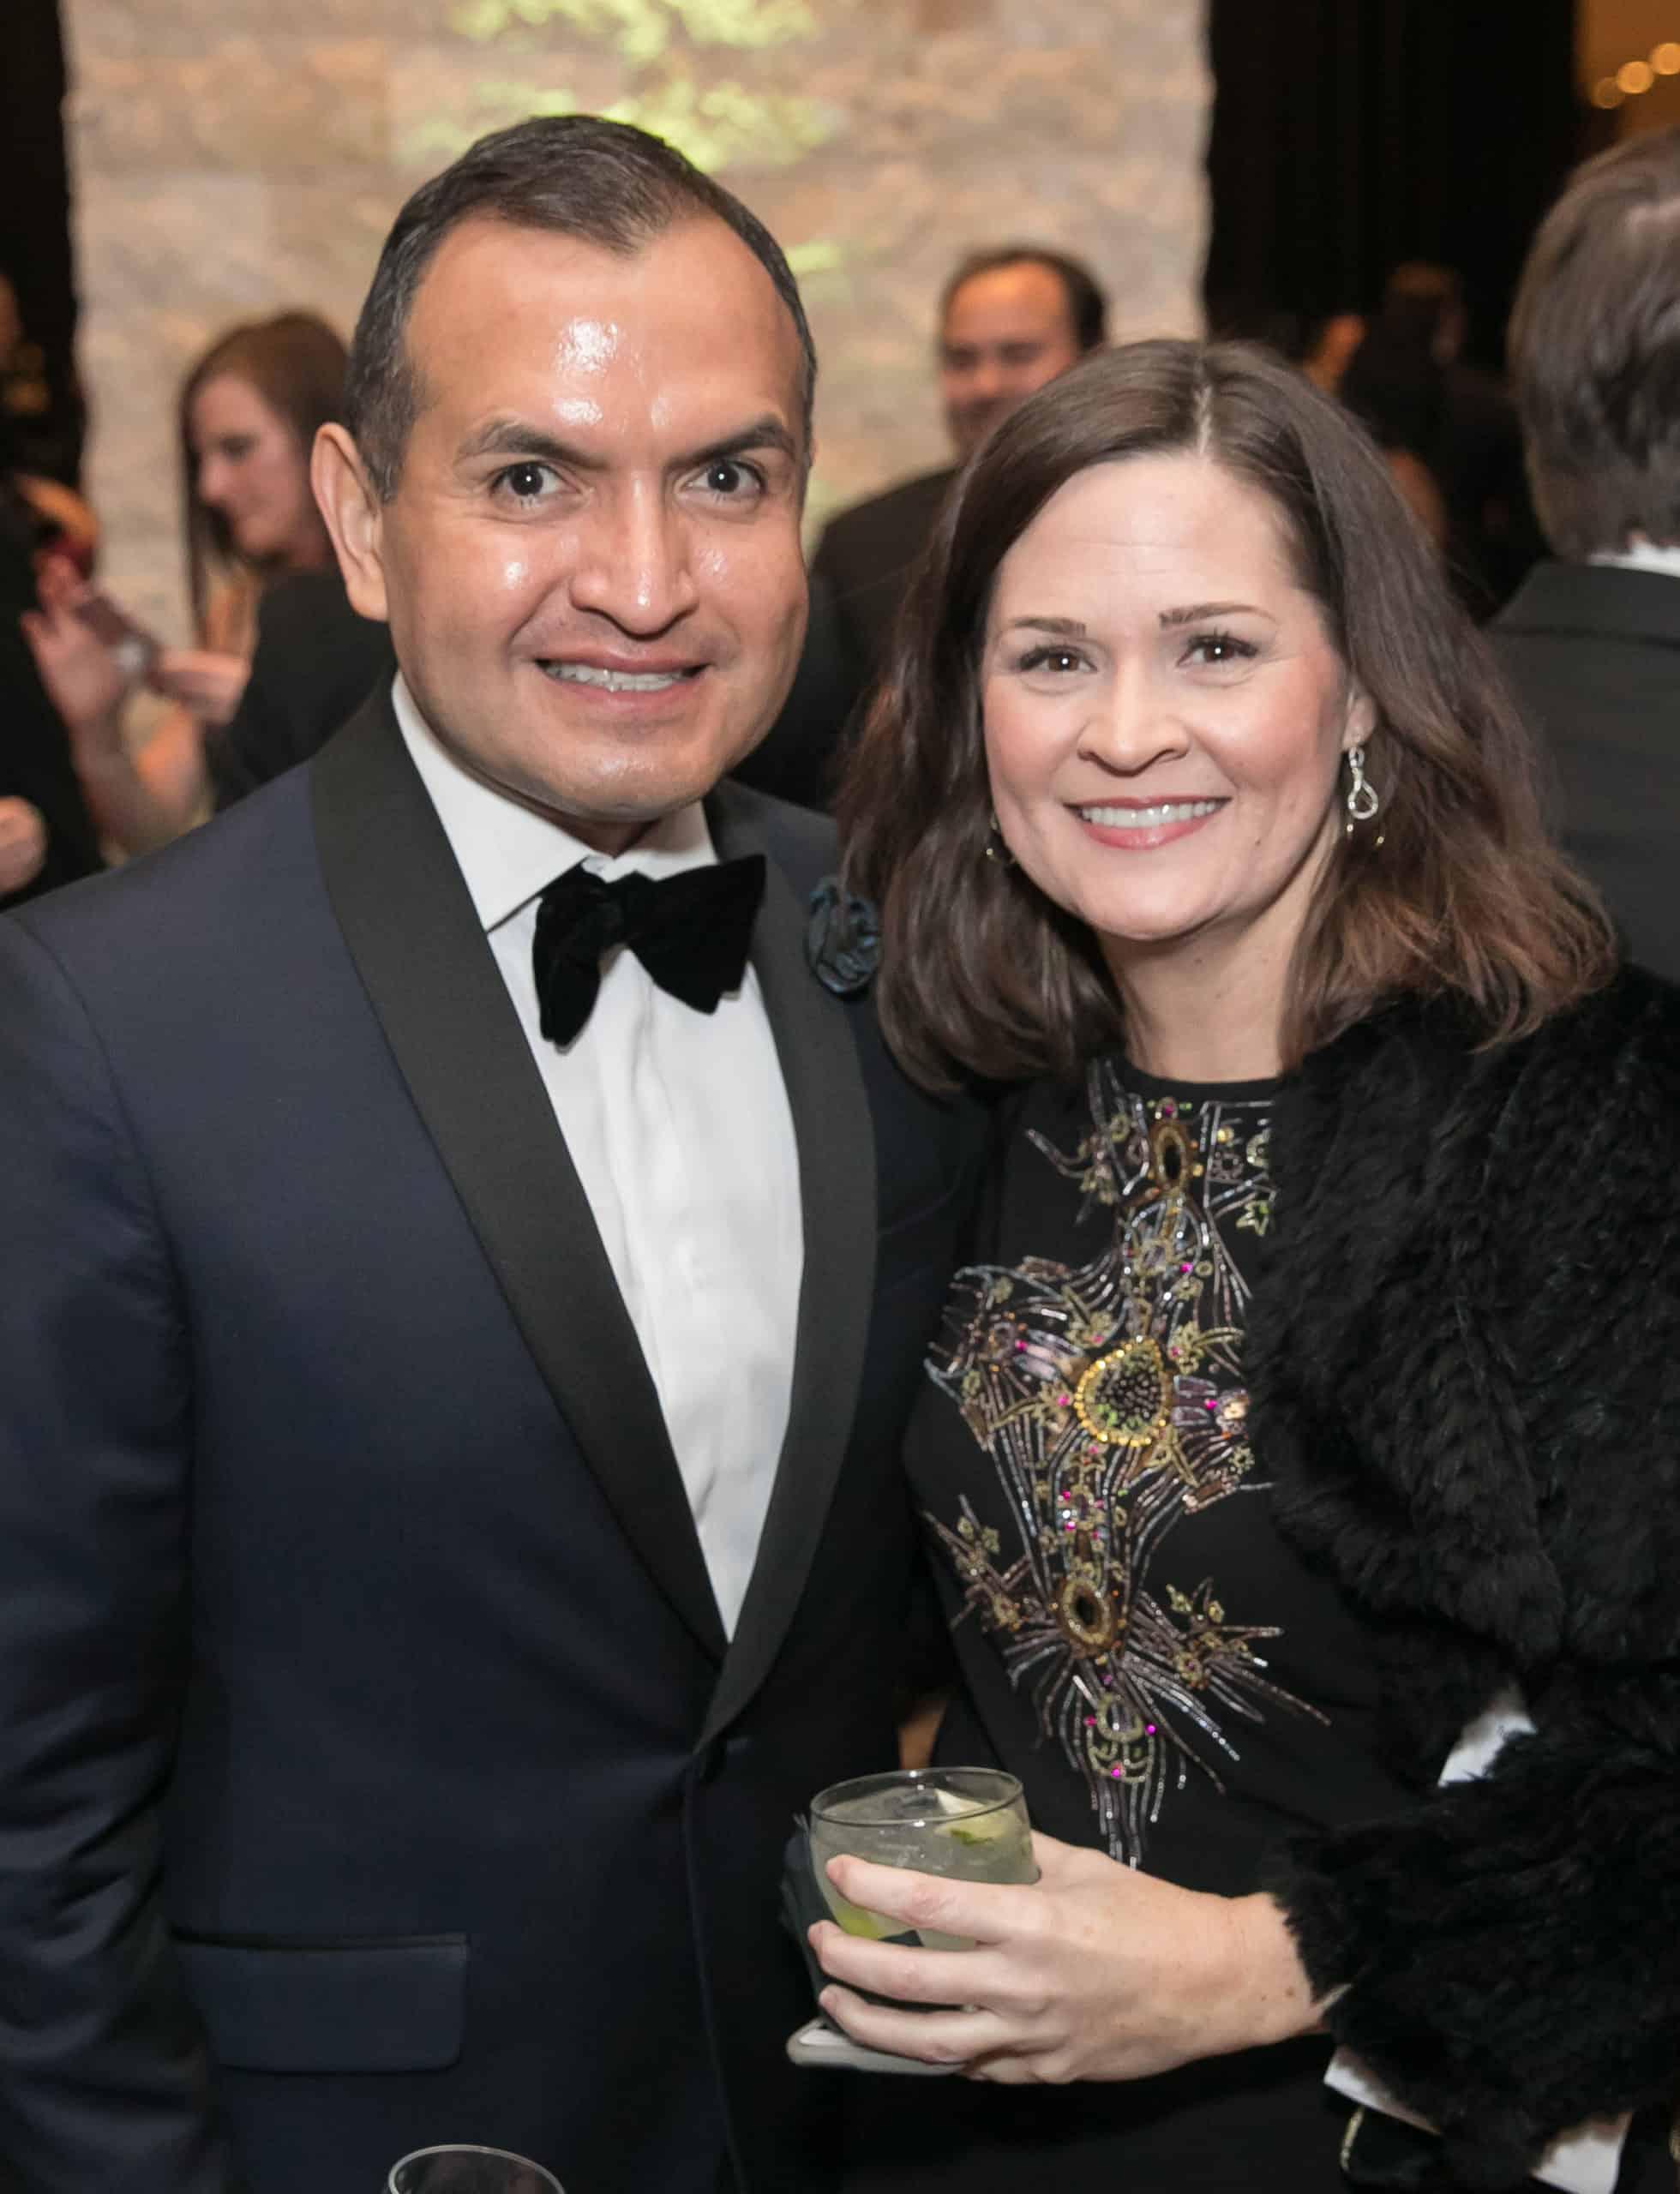 Armando Zambrano and Cori Modisett